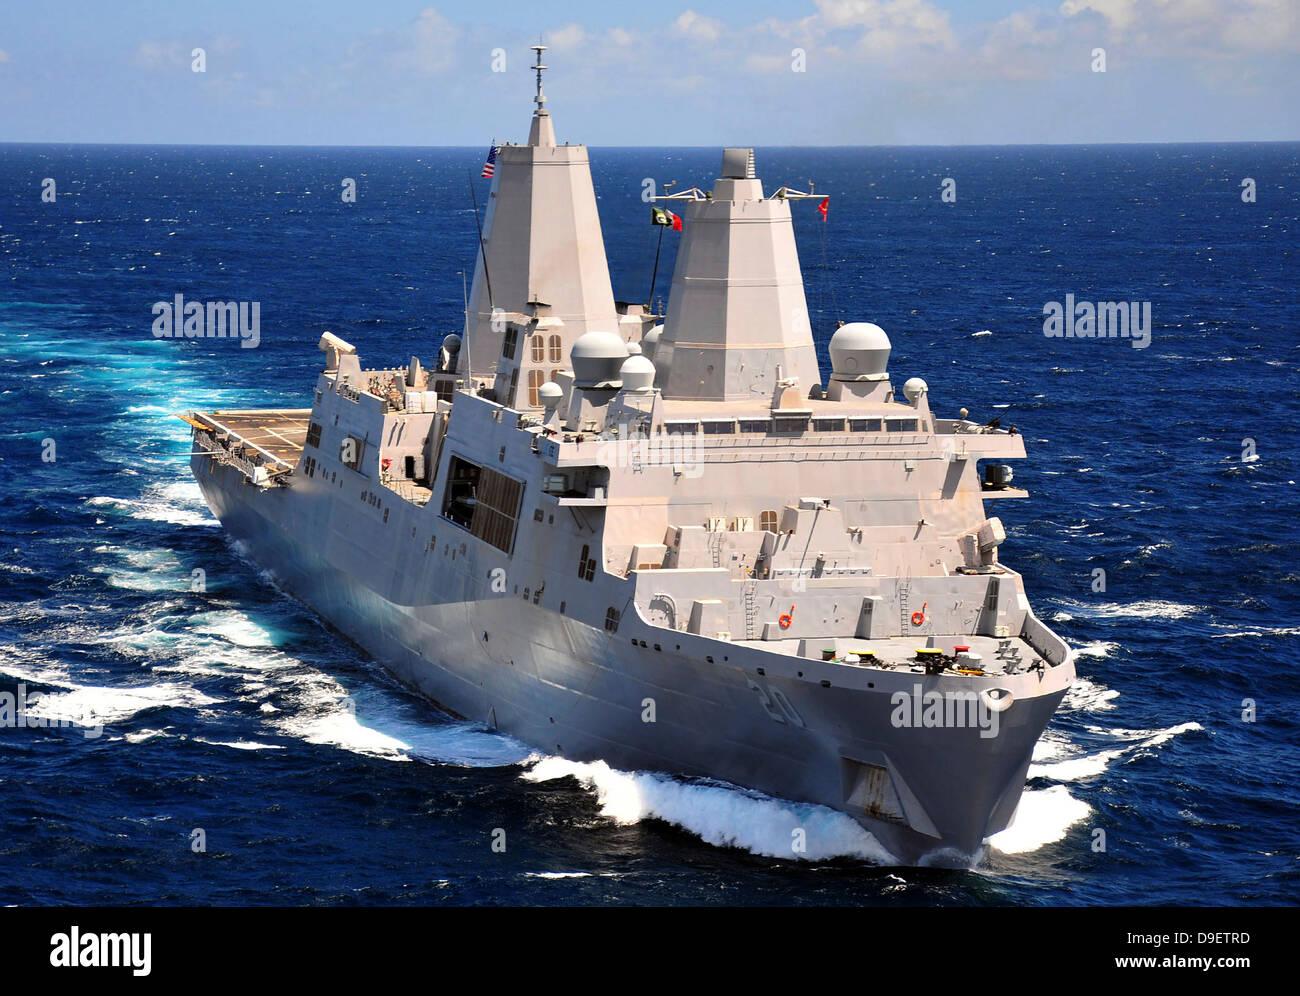 Agosto 18, 2011 - El dock buque anfibio de transporte USS Green Bay (LPD 20) transita por el Océano Índico. Foto de stock